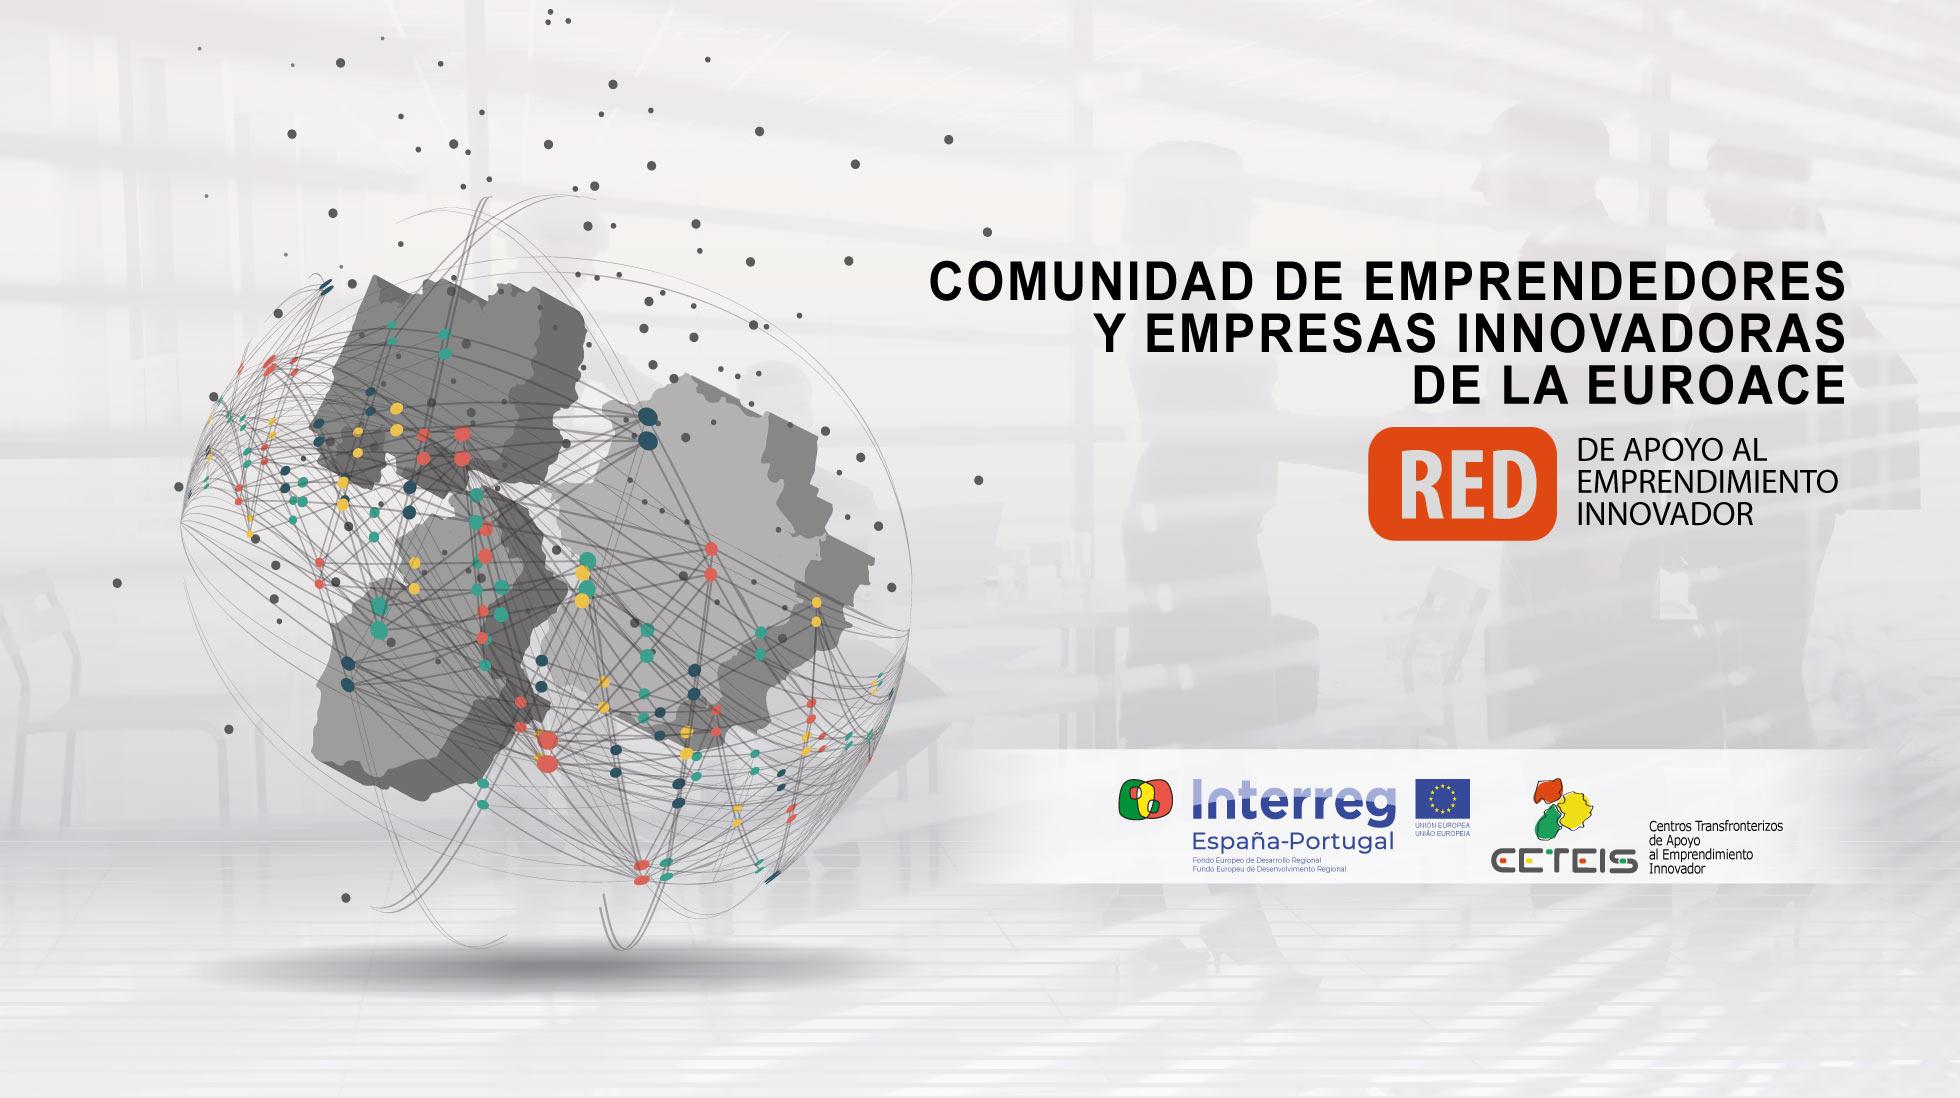 Inscríbete a la III Edición Programa de Incubación de iniciativas emprendedoras innovadoras de la Red CETEIS de la DIPUTACIÓN PROVINCIAL DE BADAJOZ